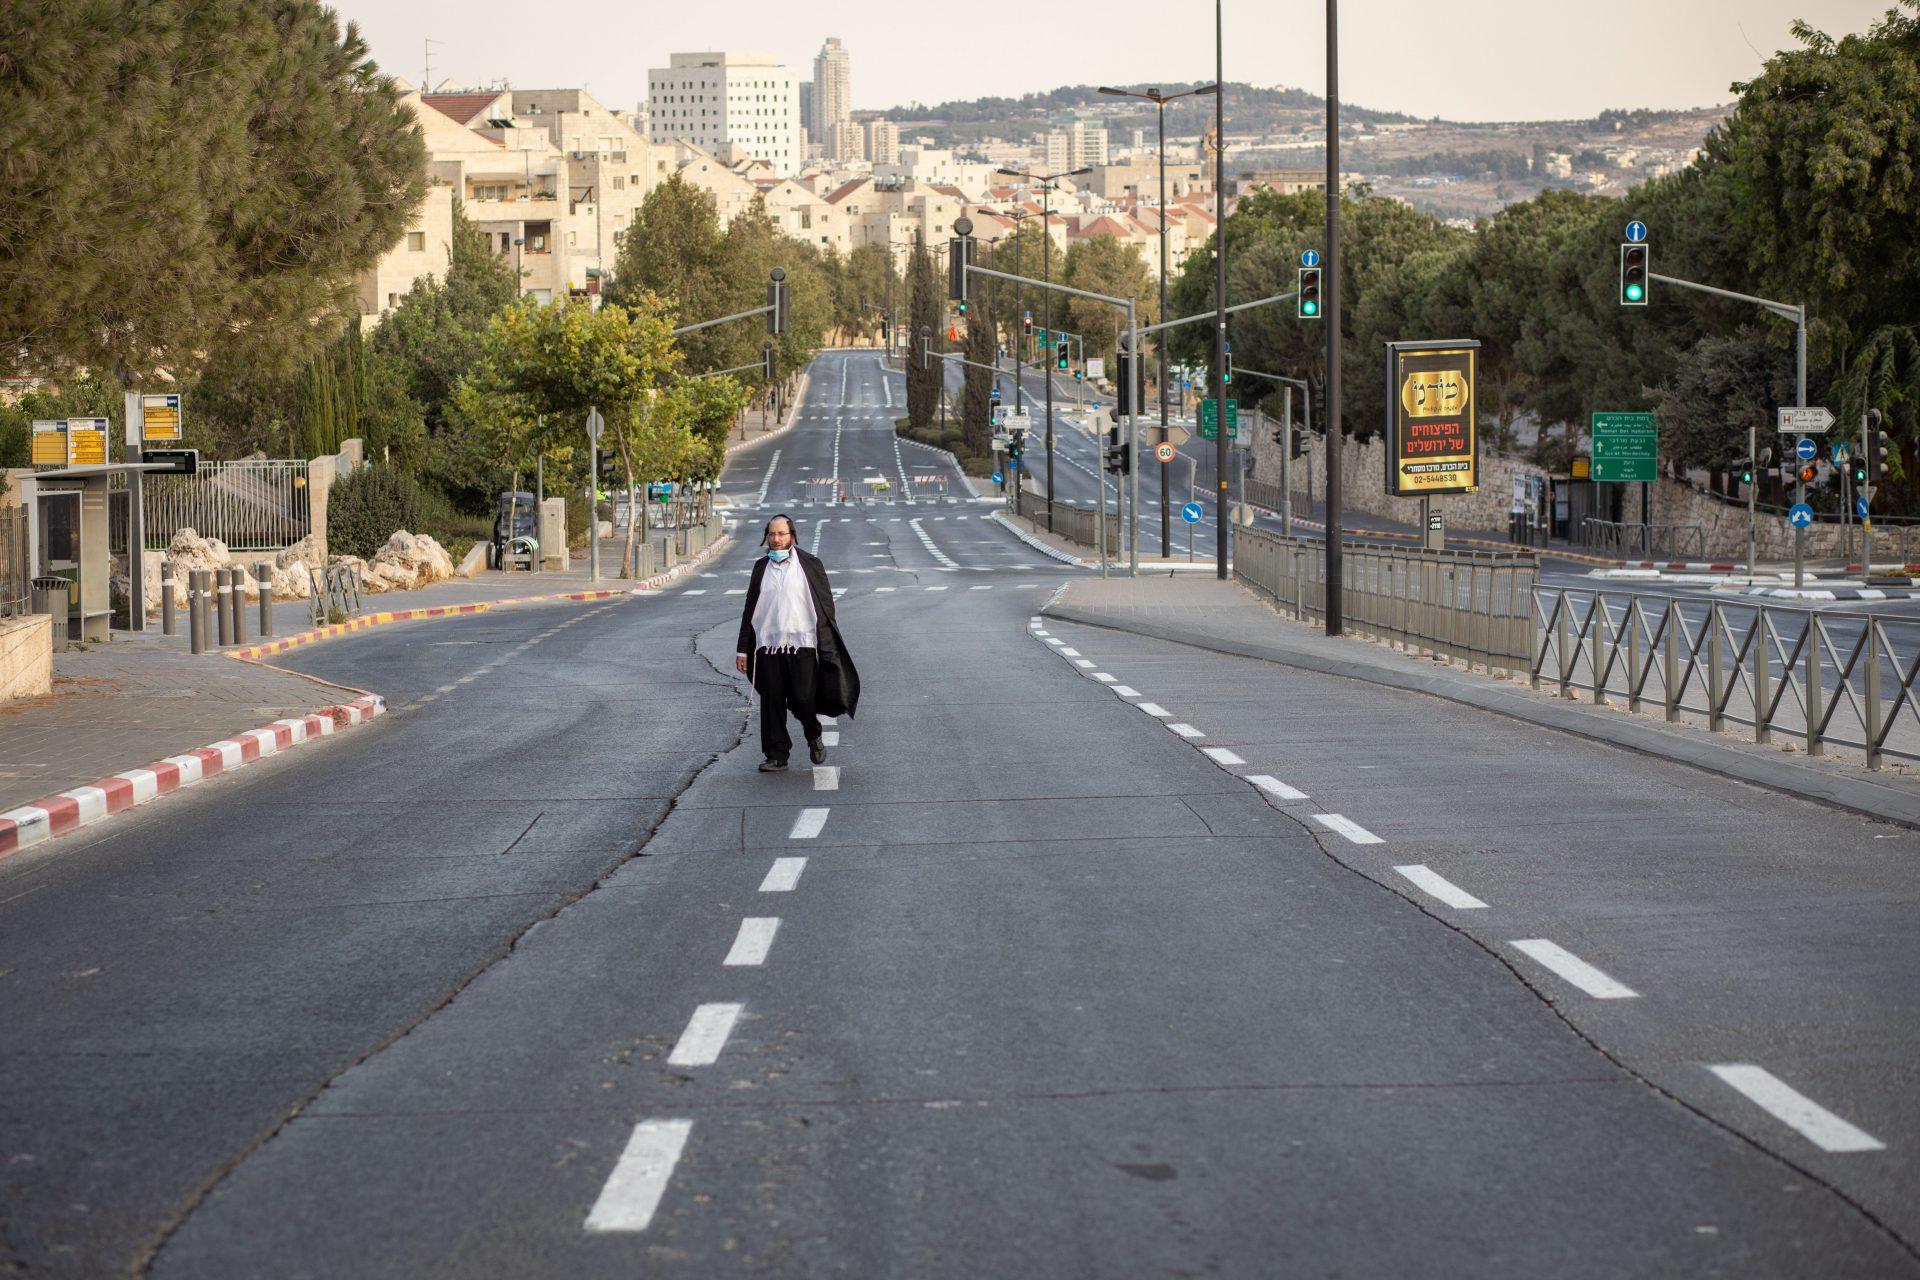 סגר ראש השנה בירושלים (צילום: אמיל סלמן)